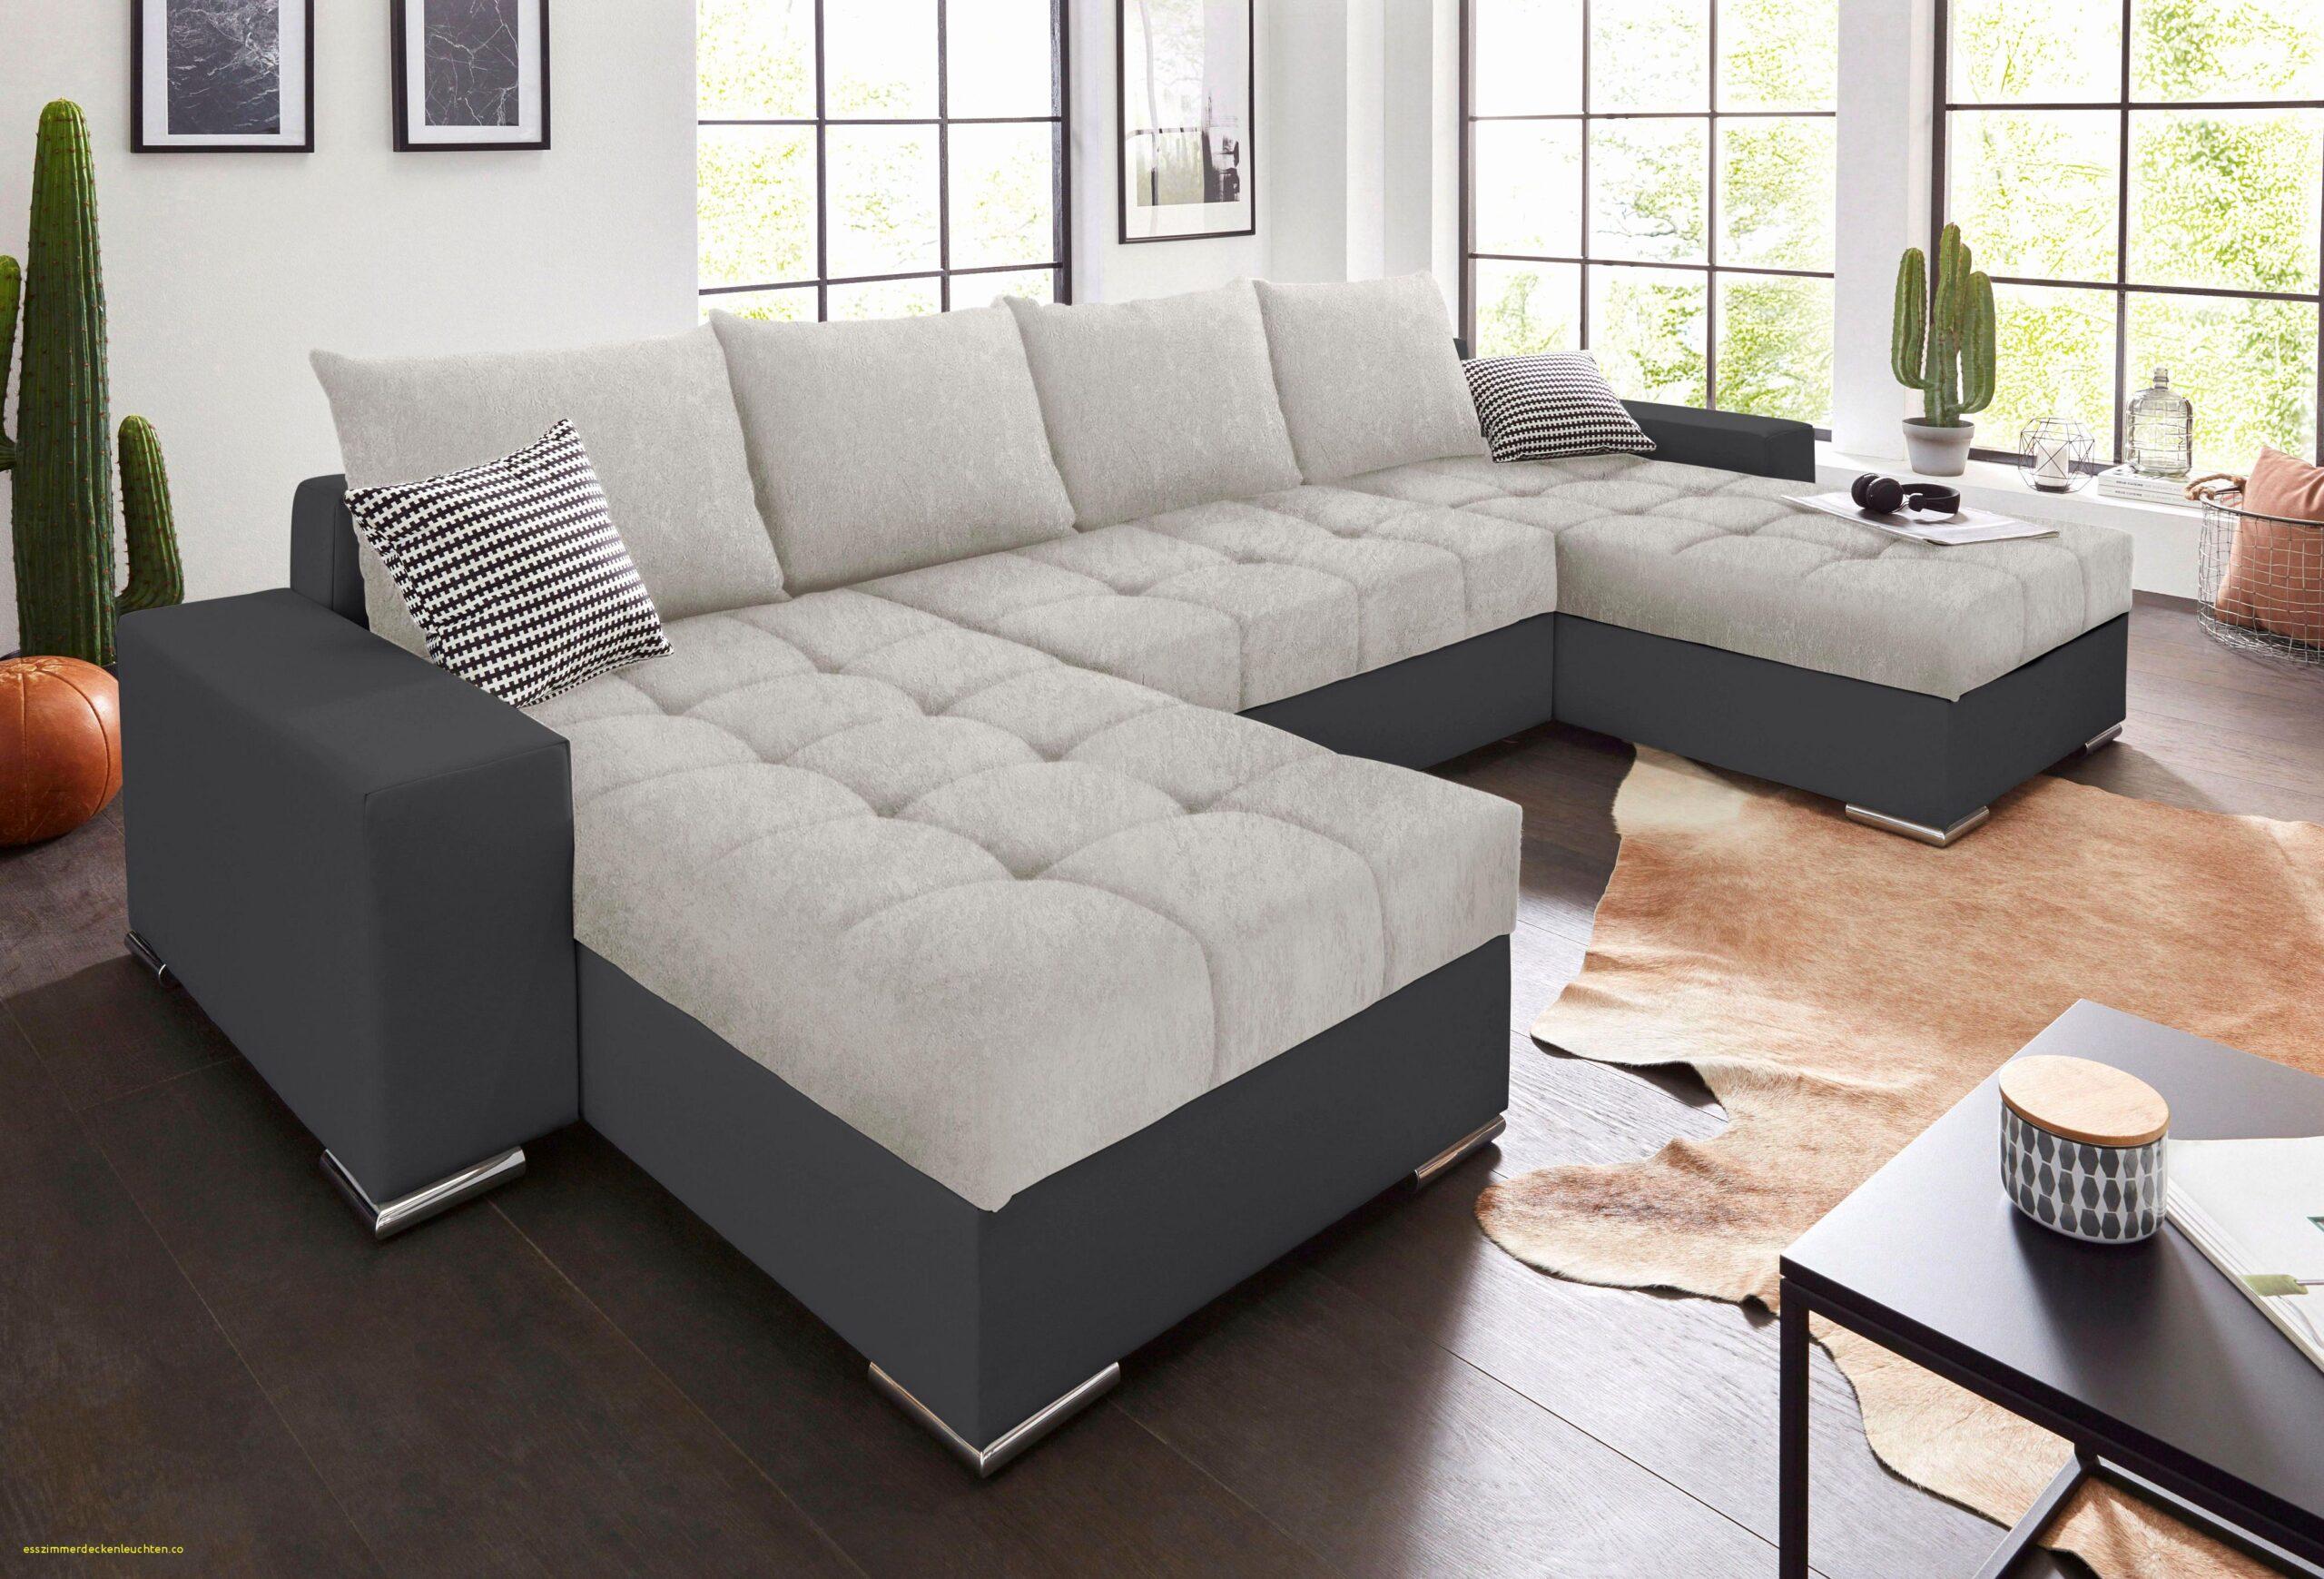 Full Size of Sofa Auf Raten Couch Bestellen Trotz Schufa Rechnung Kaufen Als Neukunde Elegant Haus Mbel Petrol Wohnlandschaft Canape Le Corbusier Wk Regal Maß Xxl Günstig Sofa Sofa Auf Raten